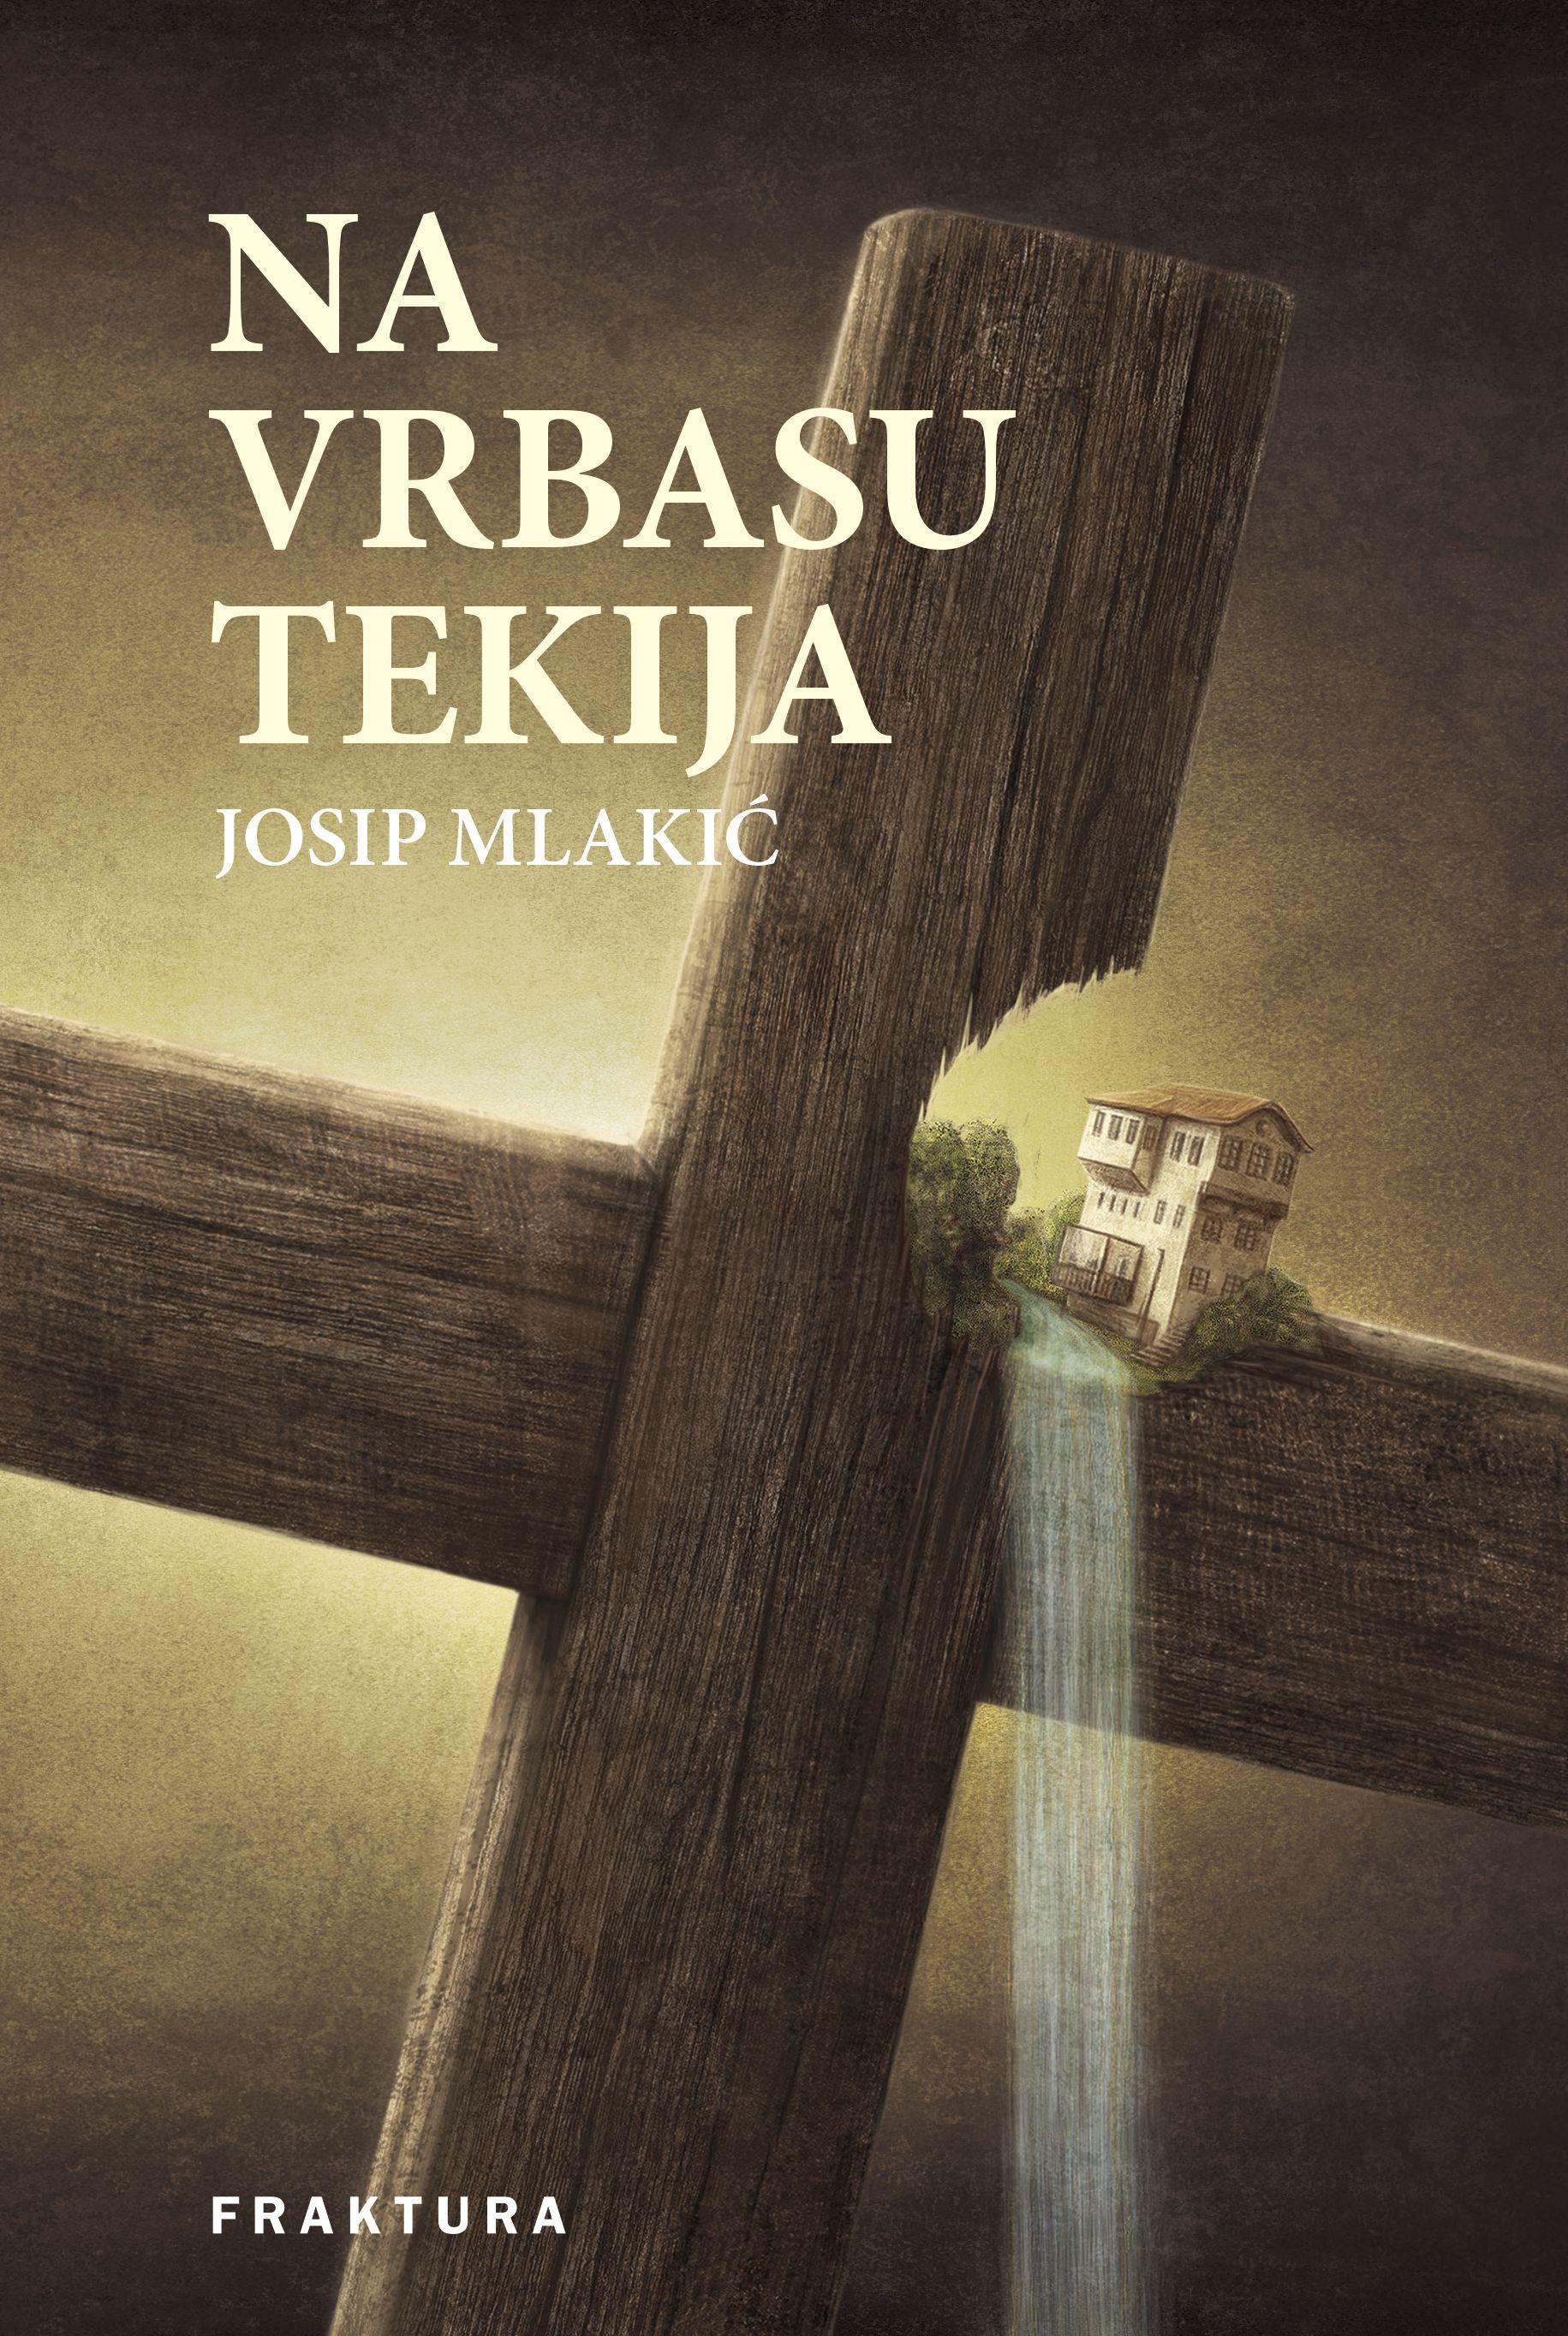 Prvi rođendan Knjižare Fraktura i predstavljanje BestBook knjige mjeseca 'Na Vrbasu tekija'